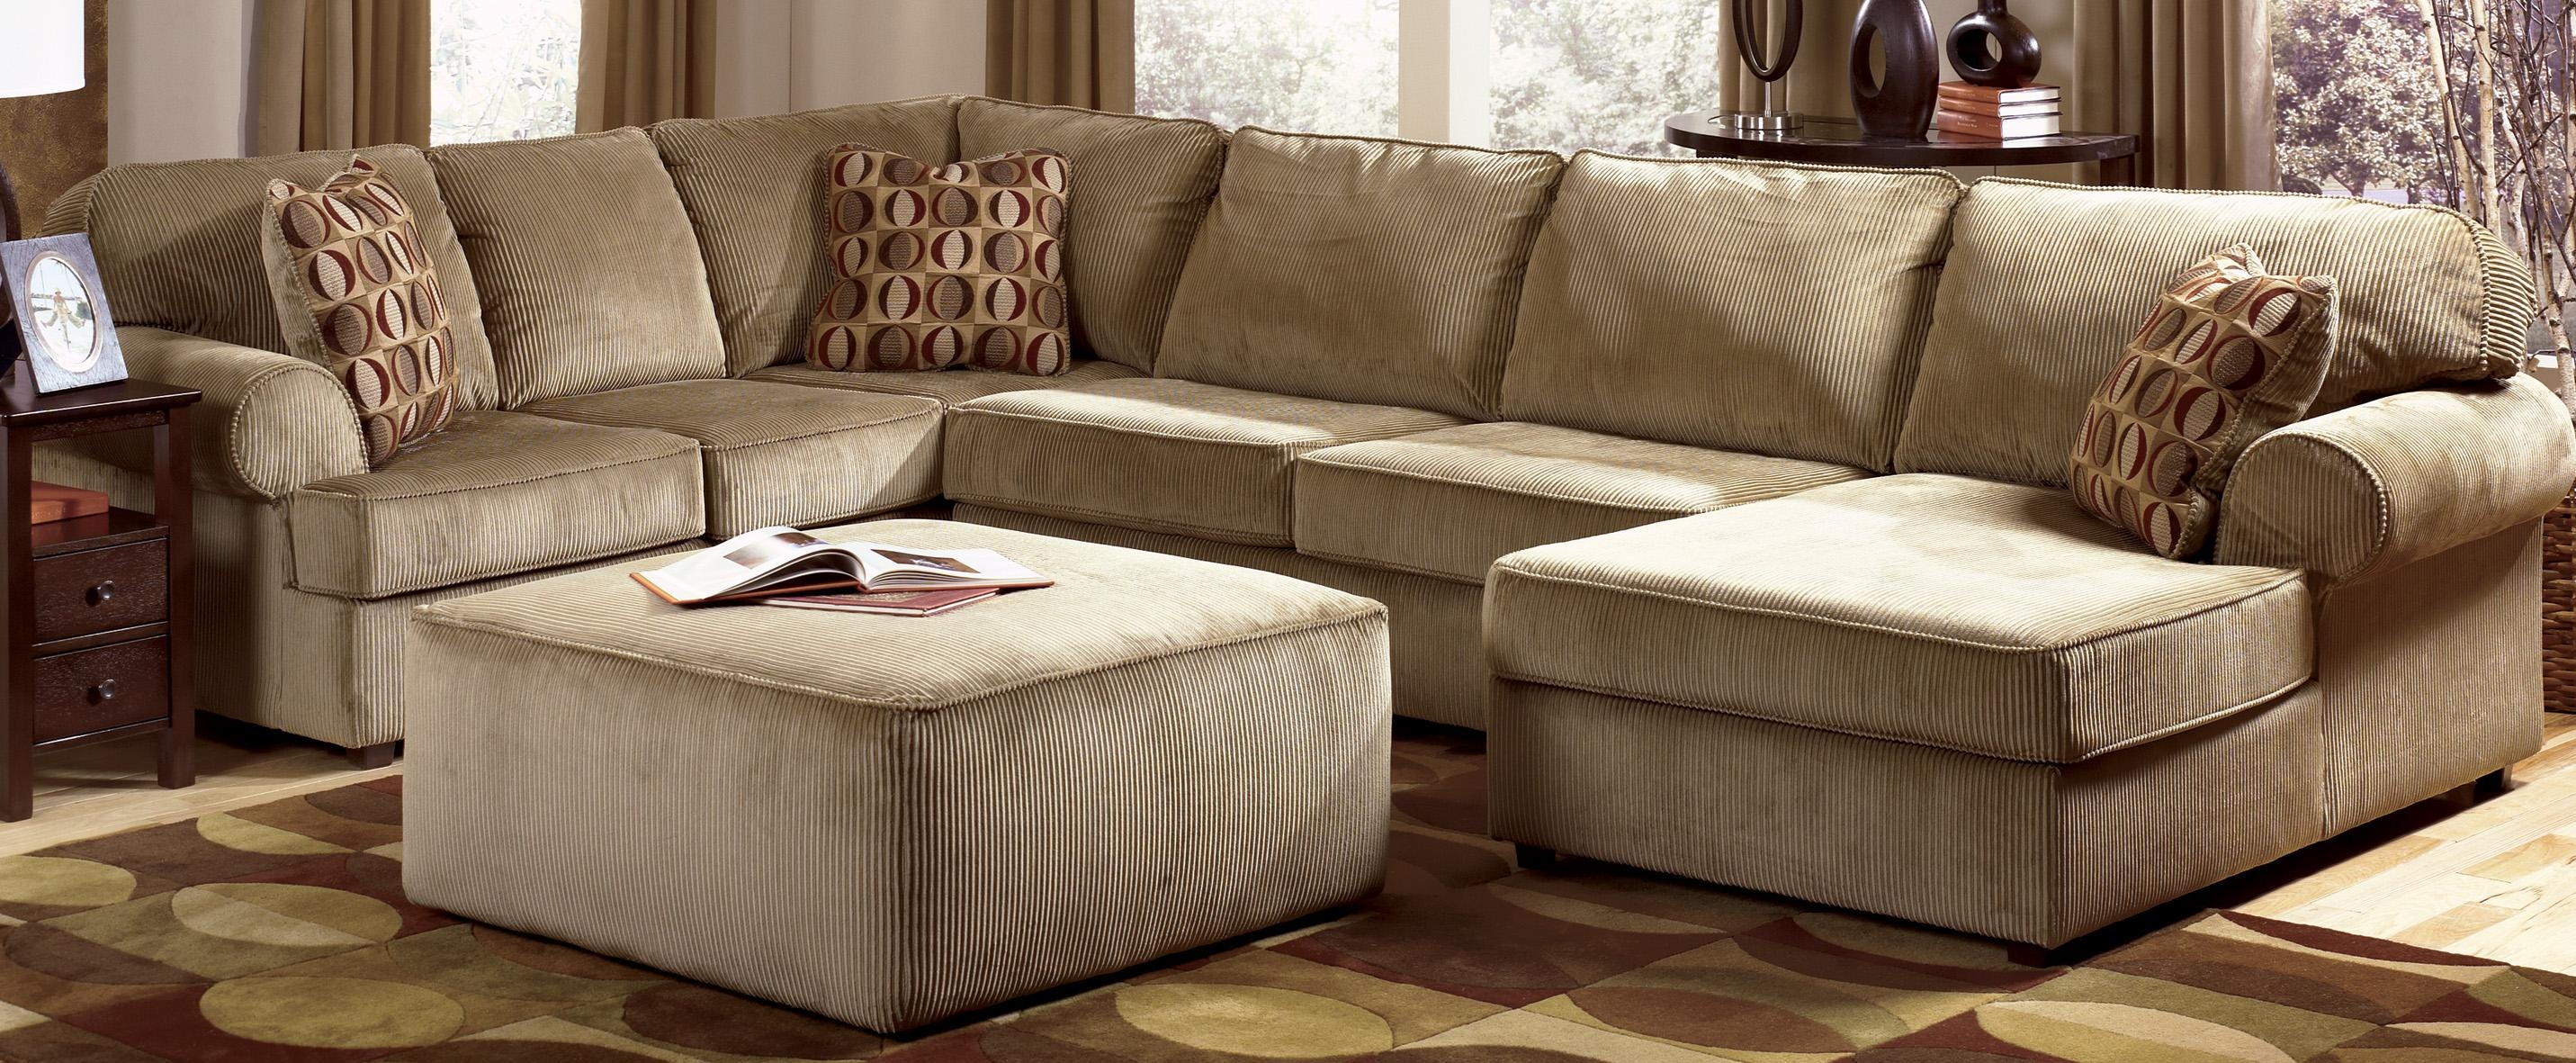 Sofas: Oversized Sofas | Ashley Sectional Sofa | Ashley Furniture With Ashley Furniture Corduroy Sectional Sofas (View 16 of 20)